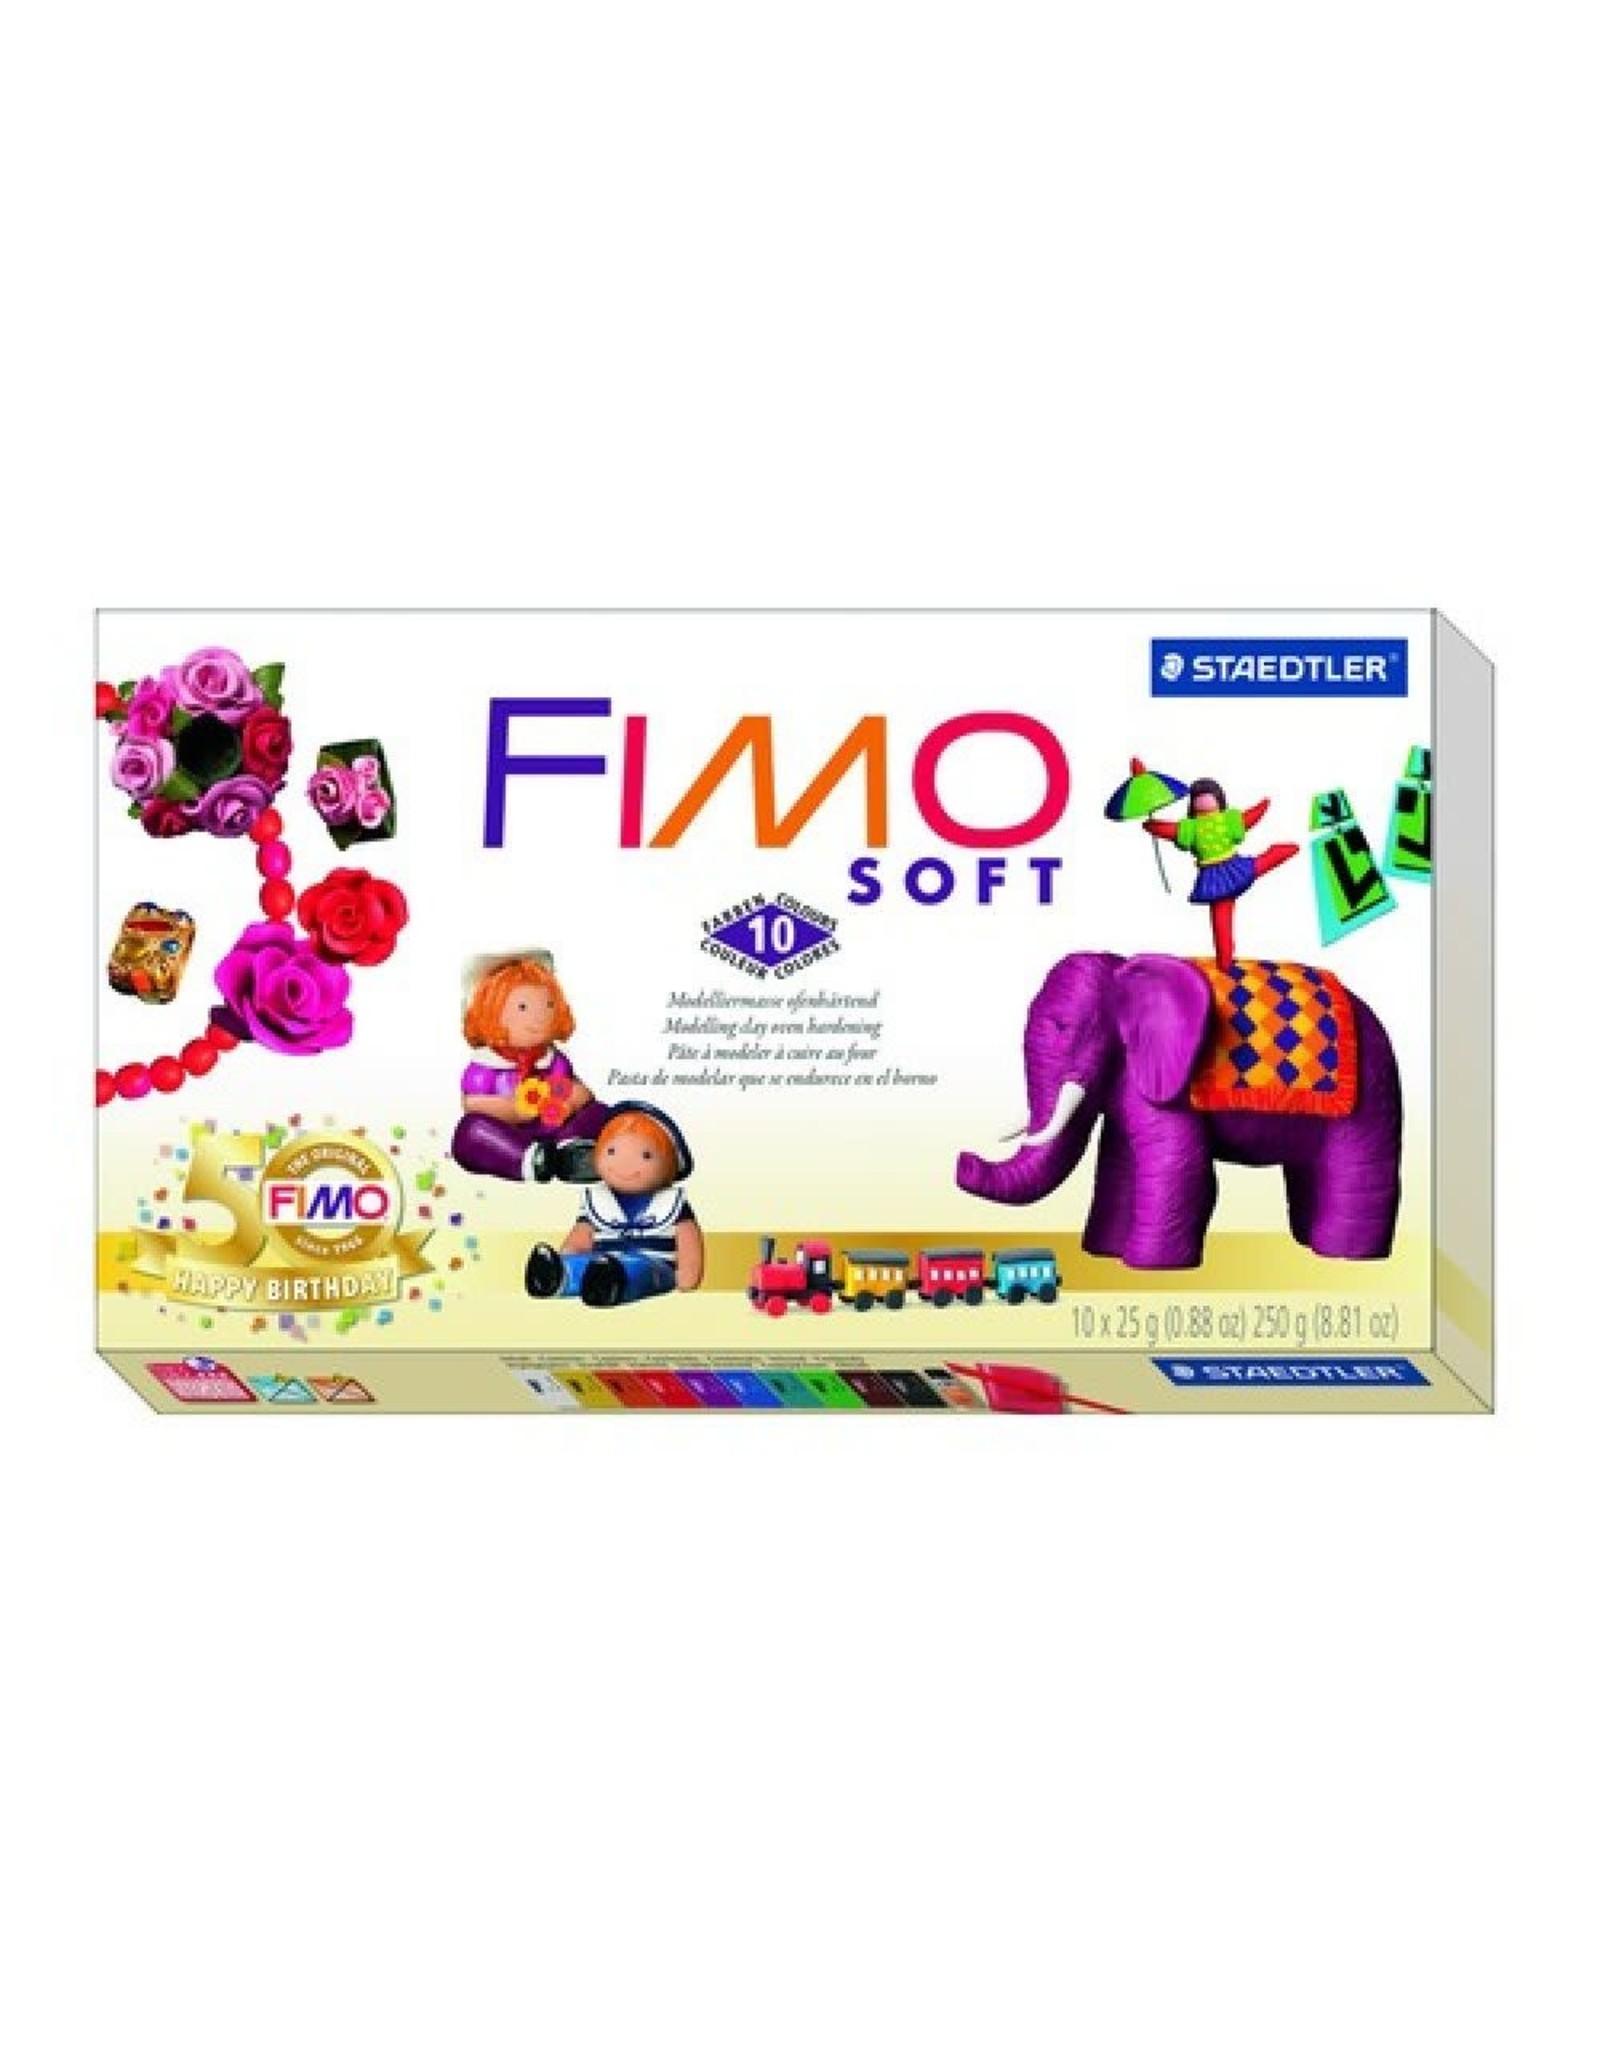 FIMO Fimo Soft basisset 10 halve blokken Nostalgia